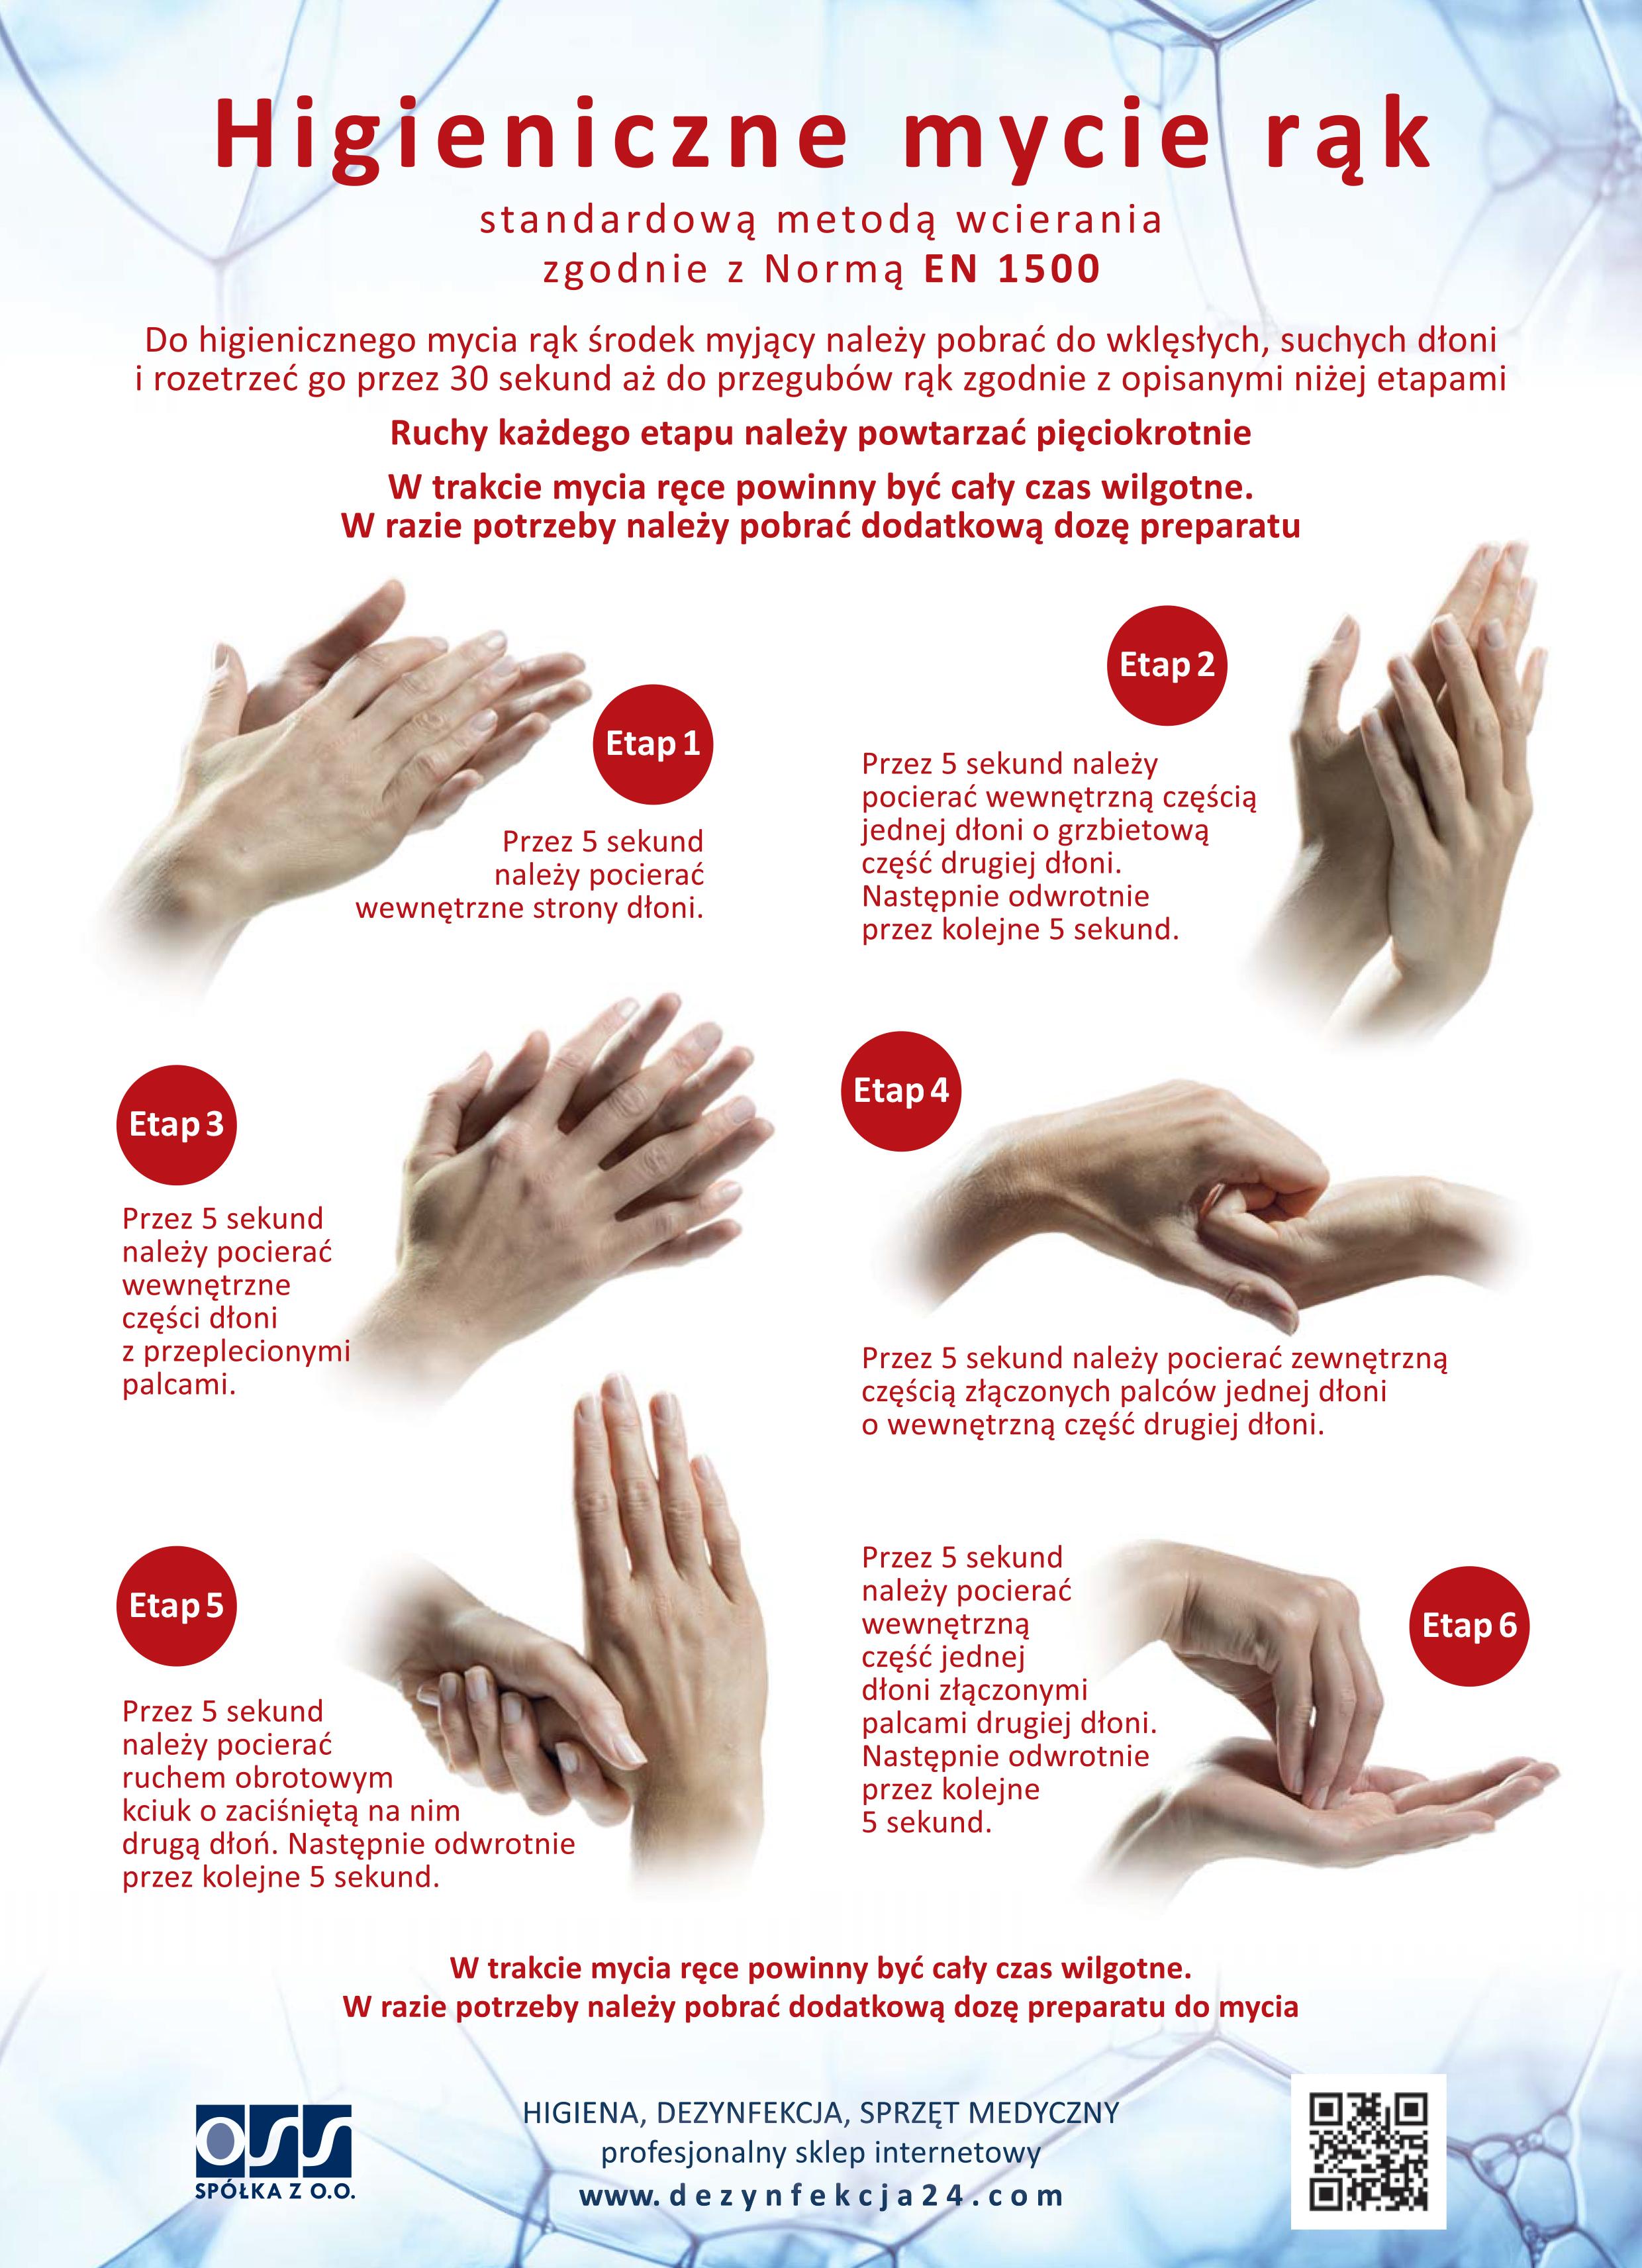 Instrukcja mycia rąk wg. EN 1500